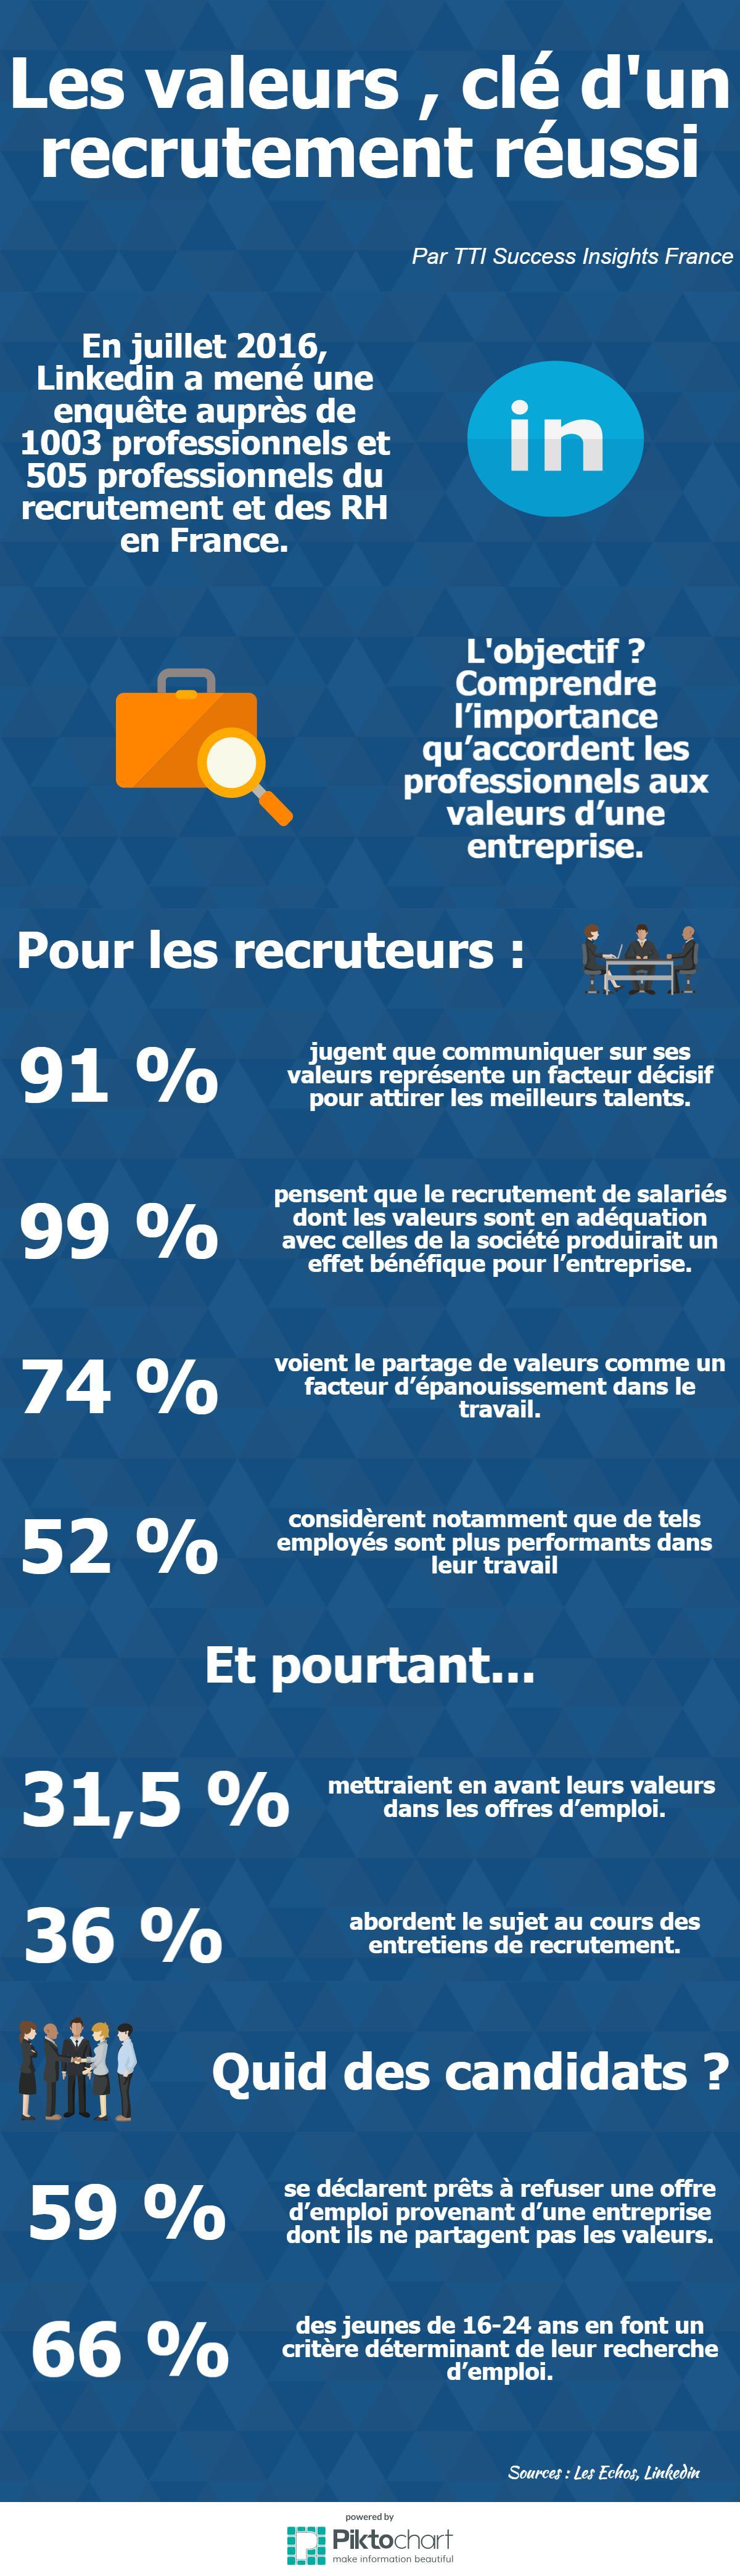 Description de Infographie :  Les valeurs, clé d'un recrutement réussi